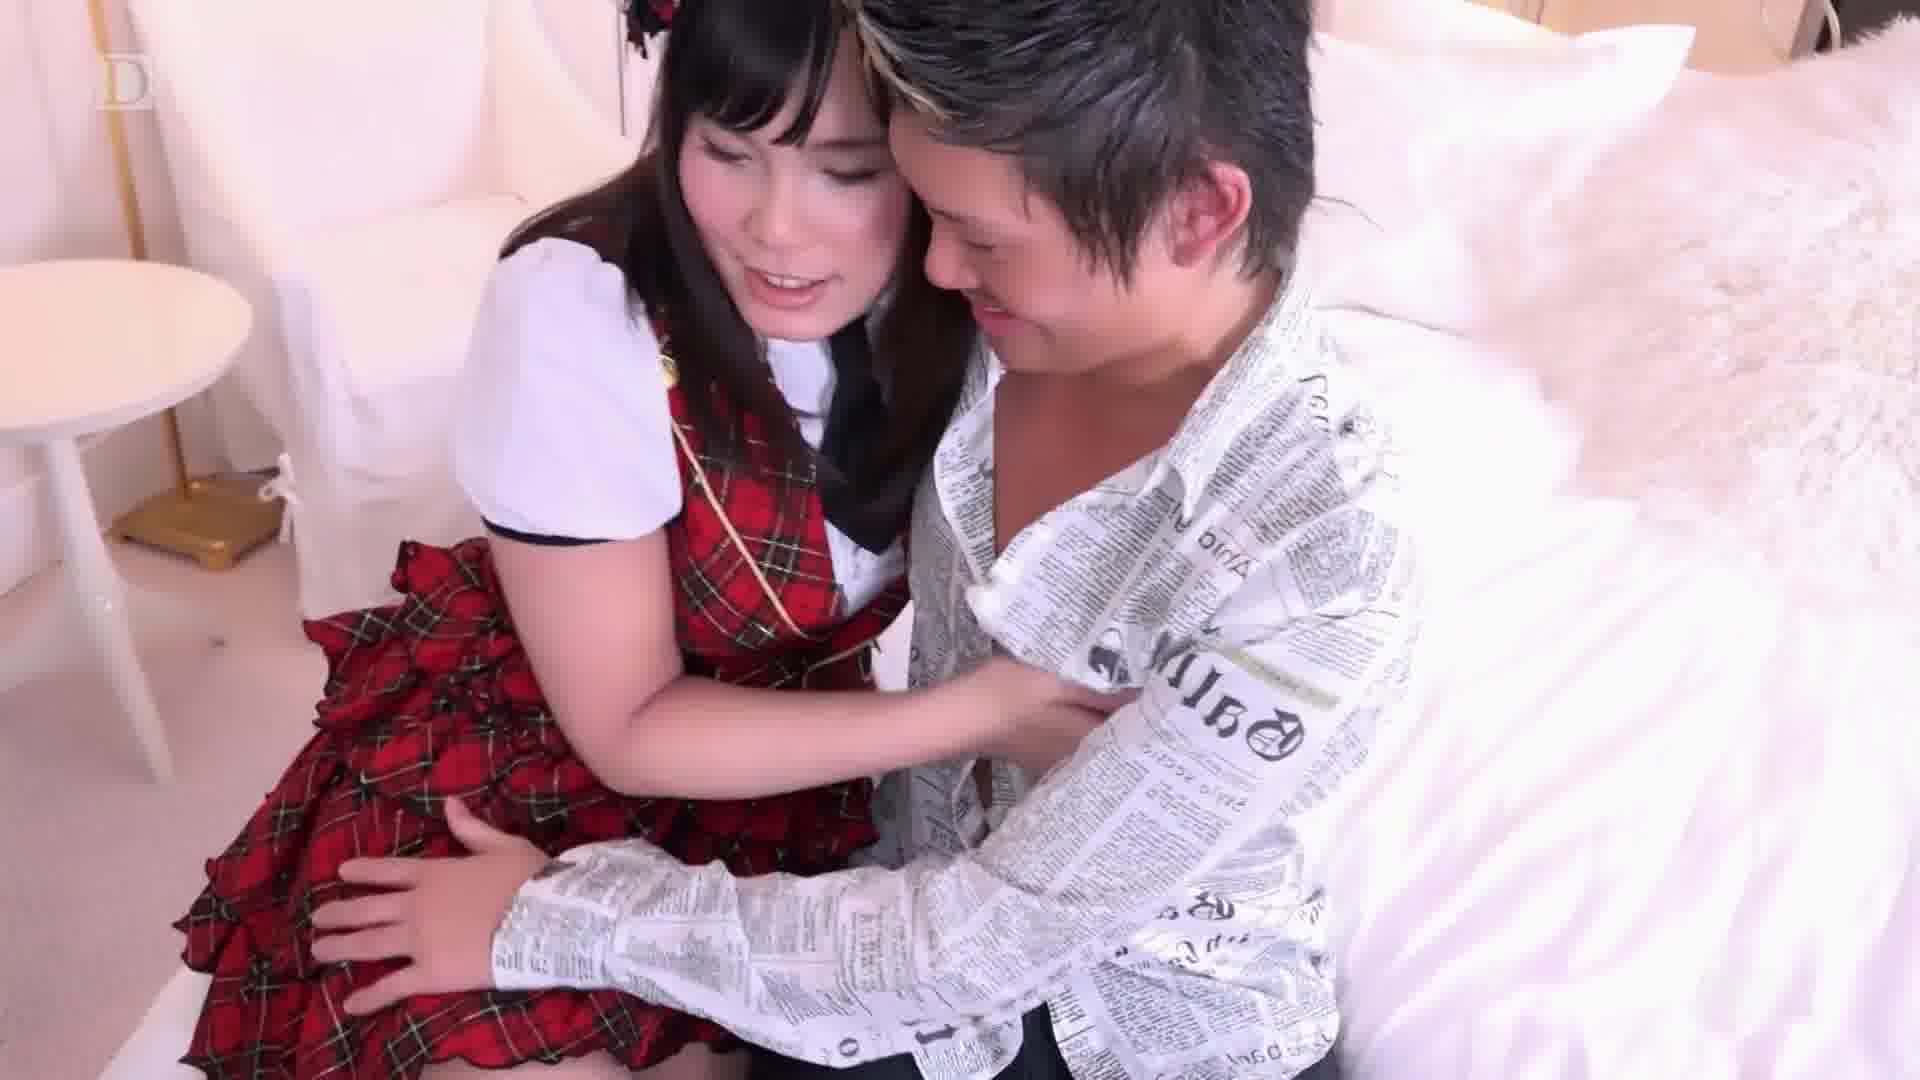 優姫エレナは美しすぎるオトコの娘 - 優姫エレナ【制服・ニューハーフ・ハメ撮り】